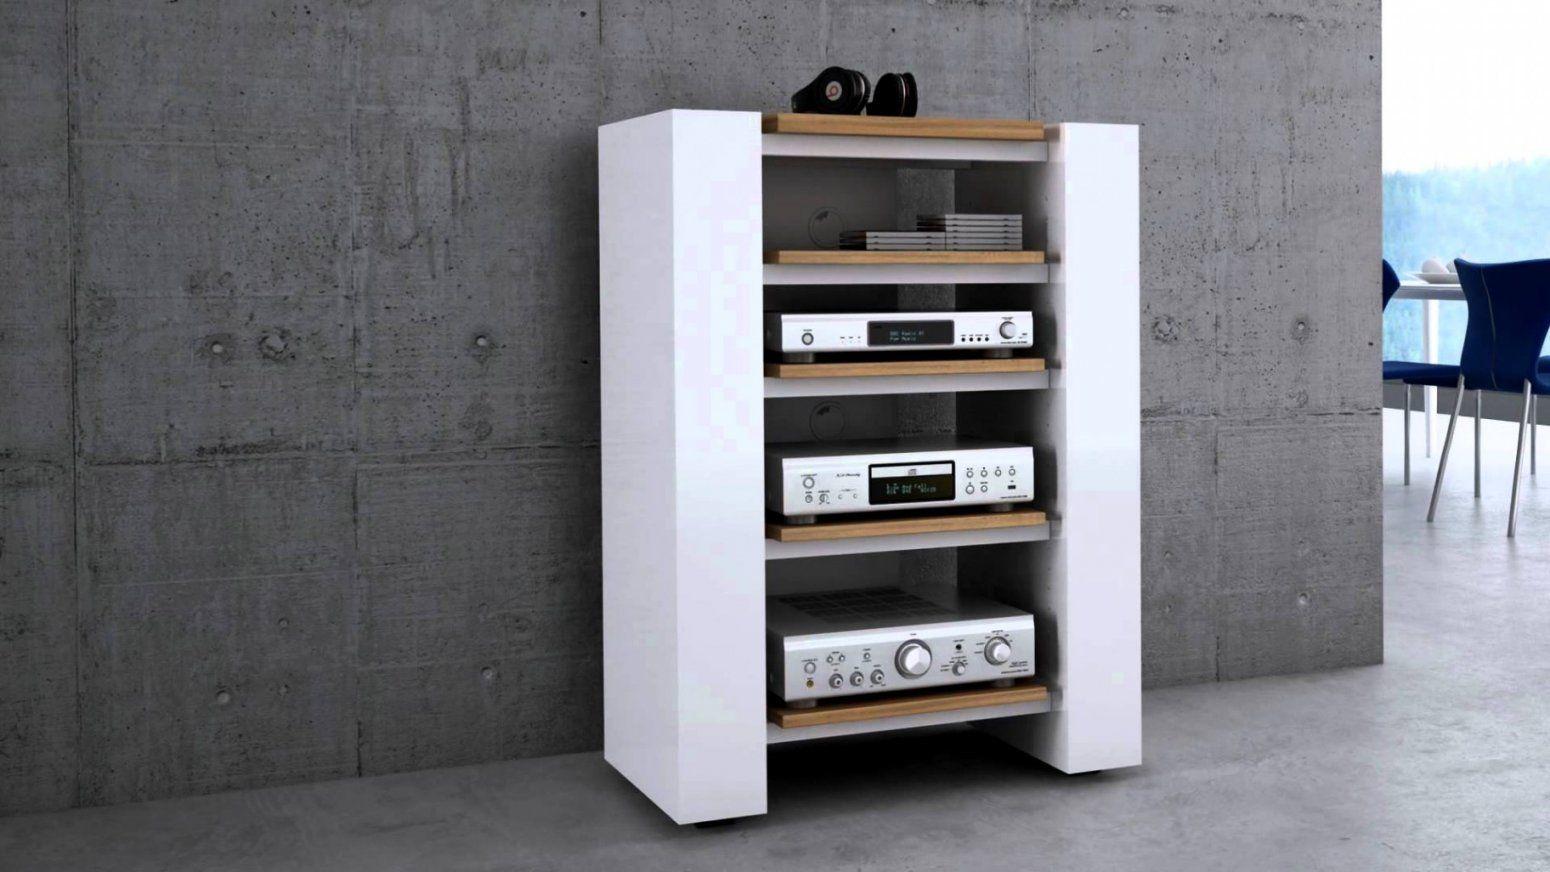 Neueste Hifi Rack Selber Bauen Ideen Zum Tv Tisch Holz  Tische Ideen von Hifi Möbel Selber Bauen Photo